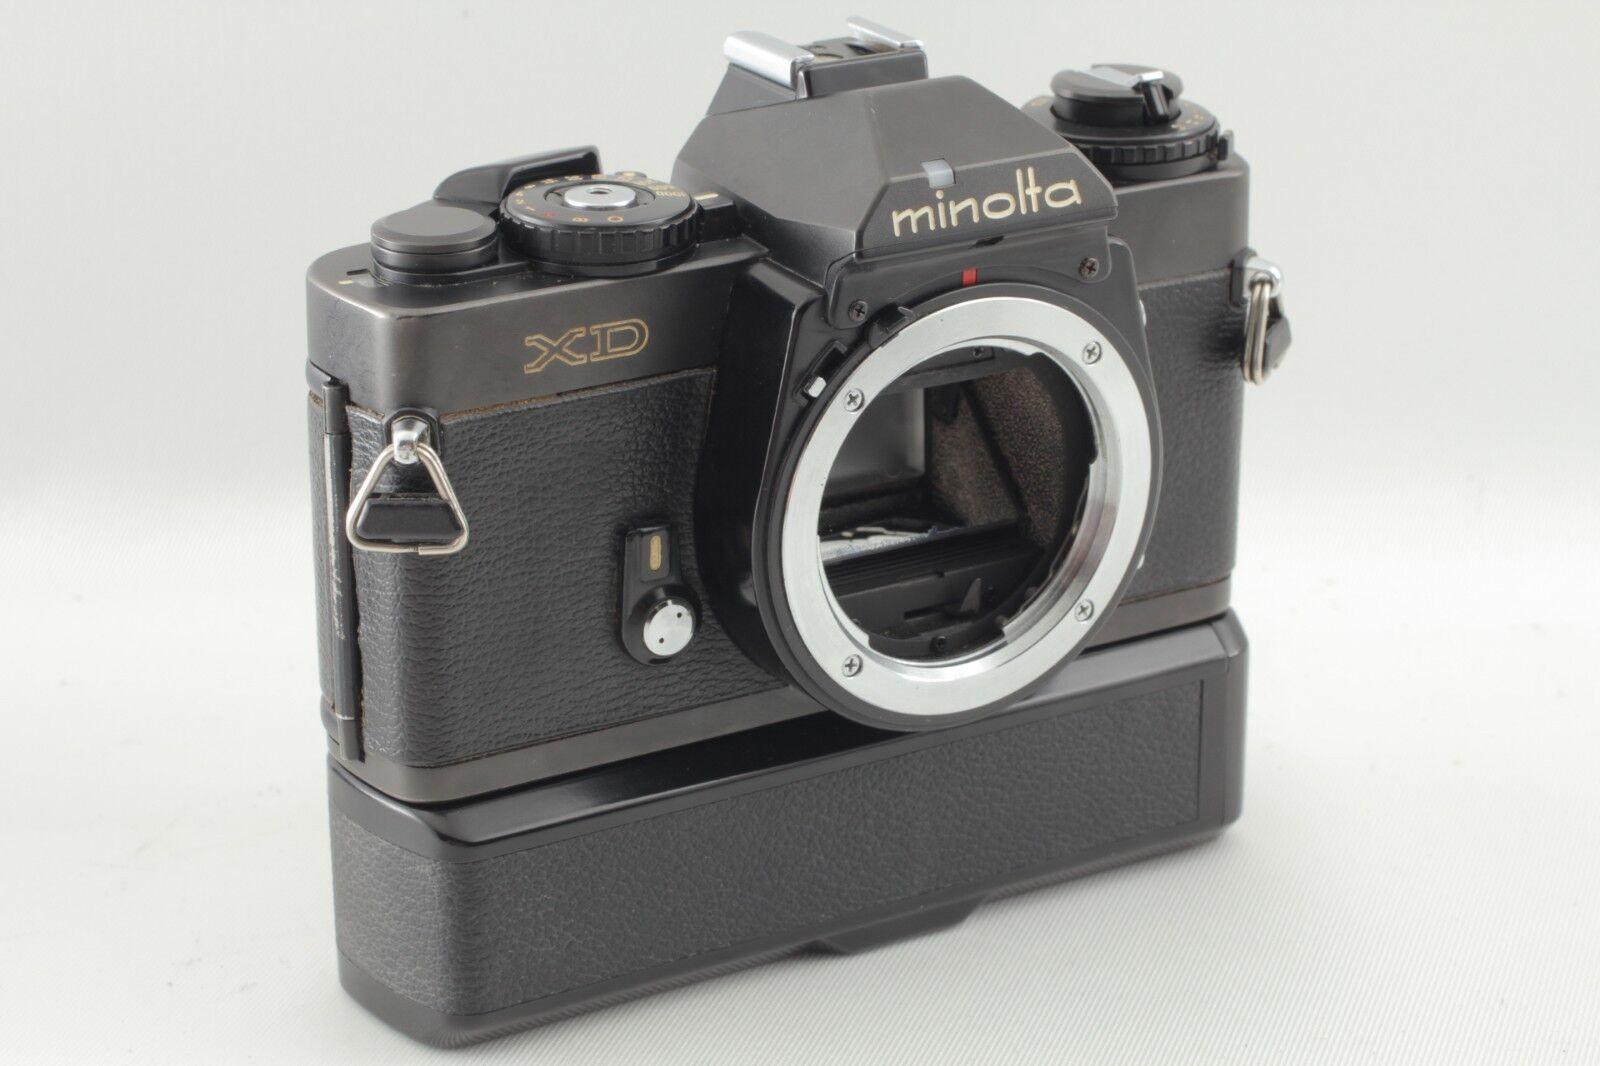 лучшие пленочные фотоаппараты всех времен сложилось так